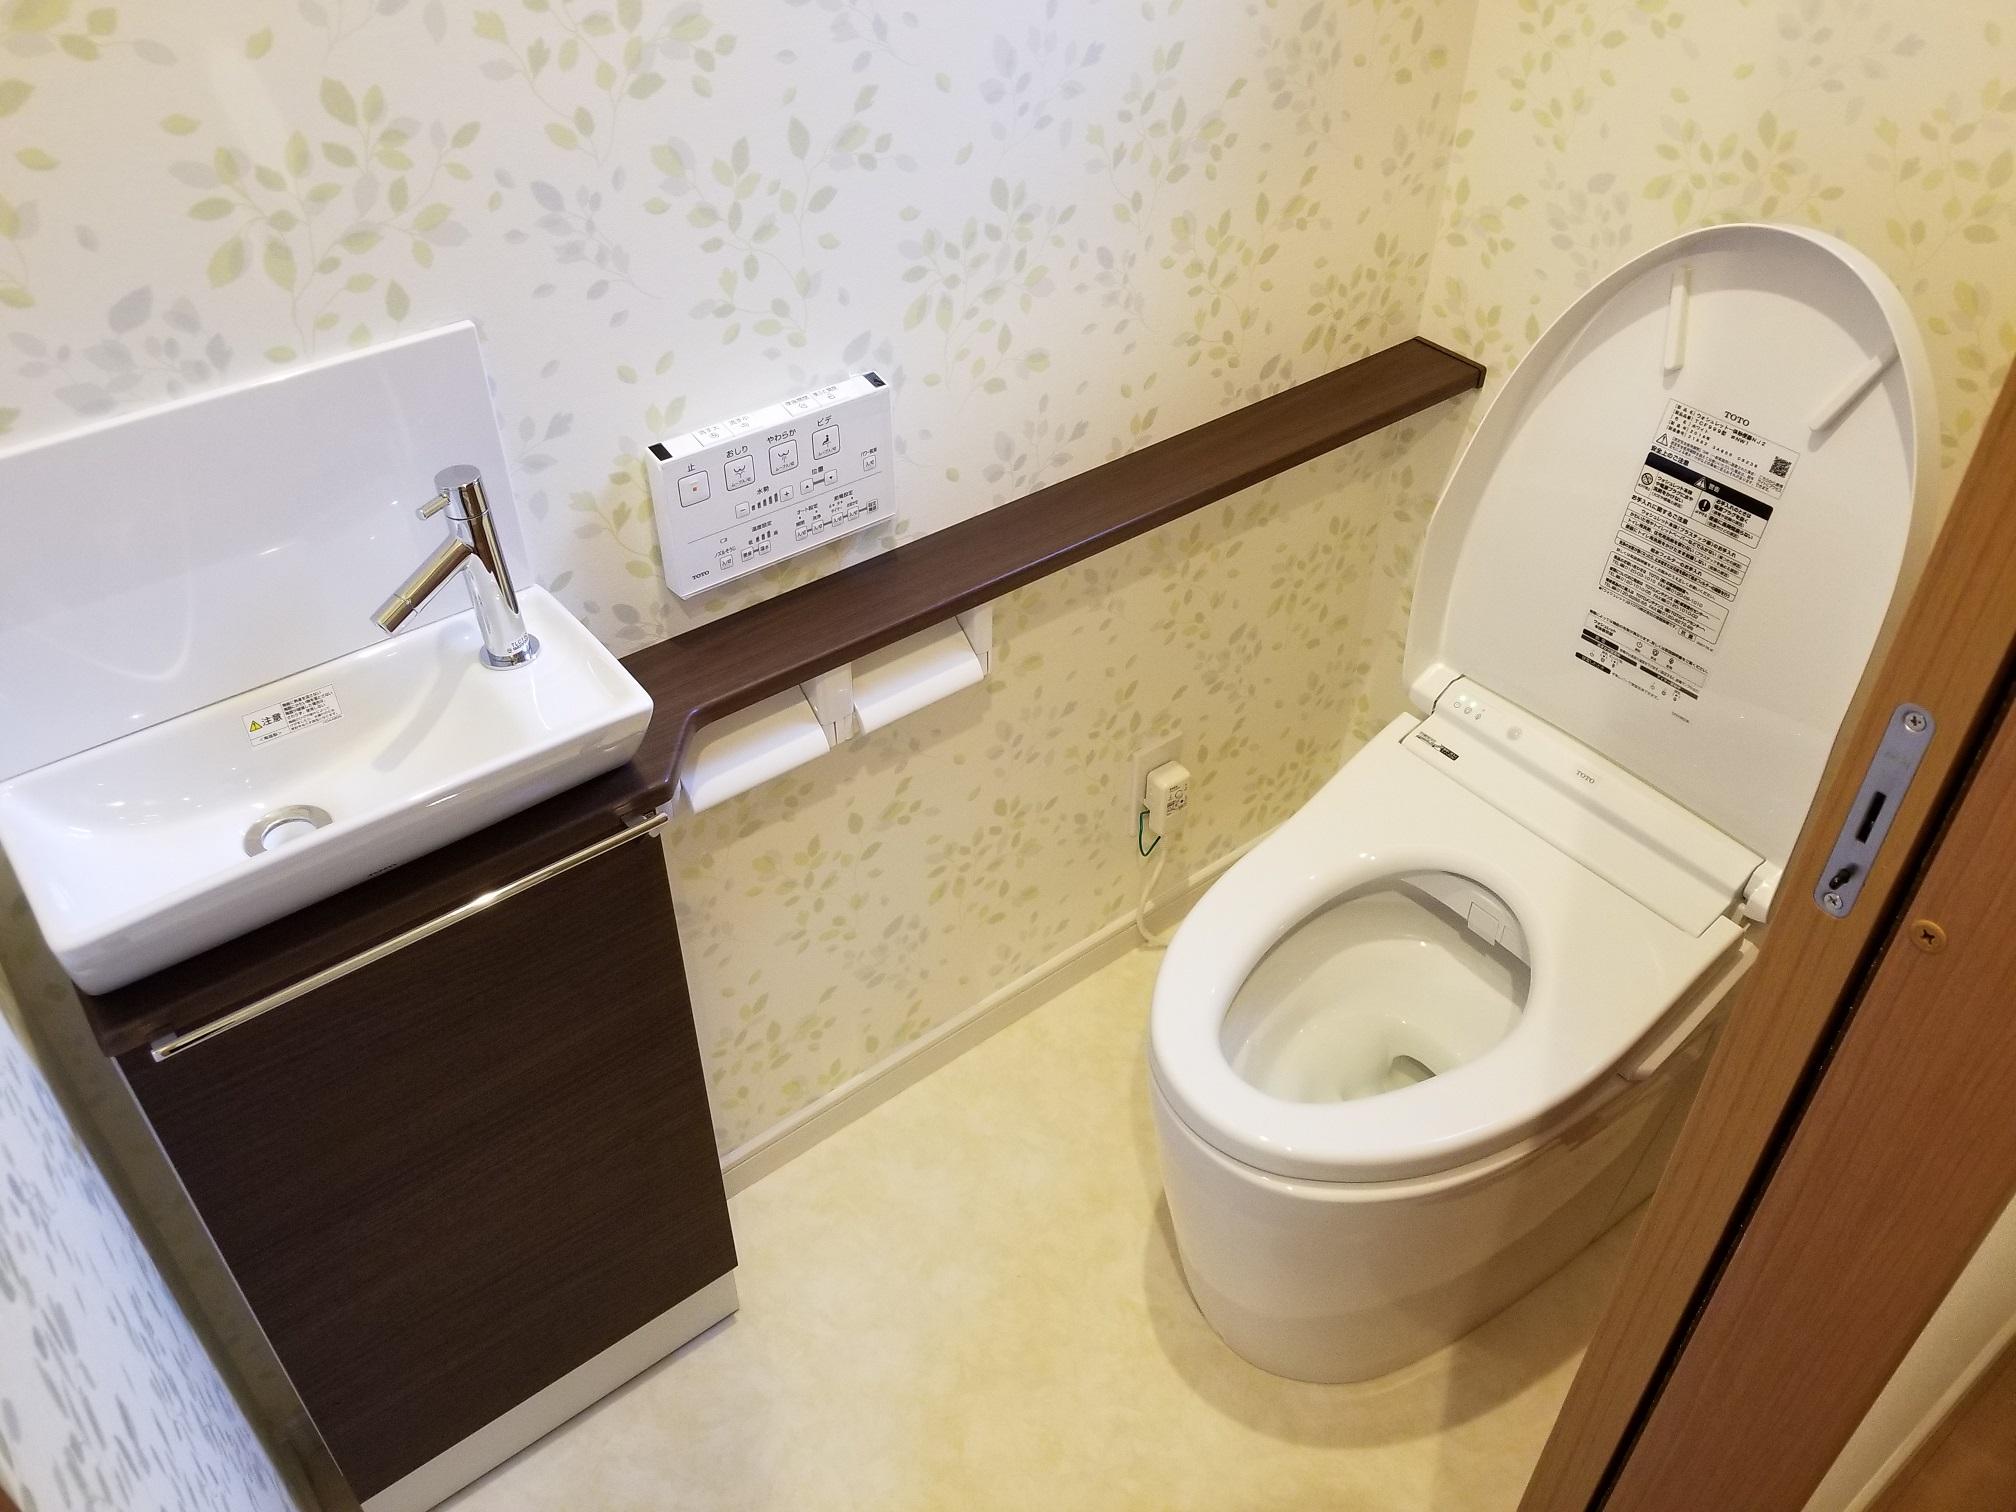 壁紙でアレンジし手洗いを設置したトイレ(ル・メイユール他物件施工例)